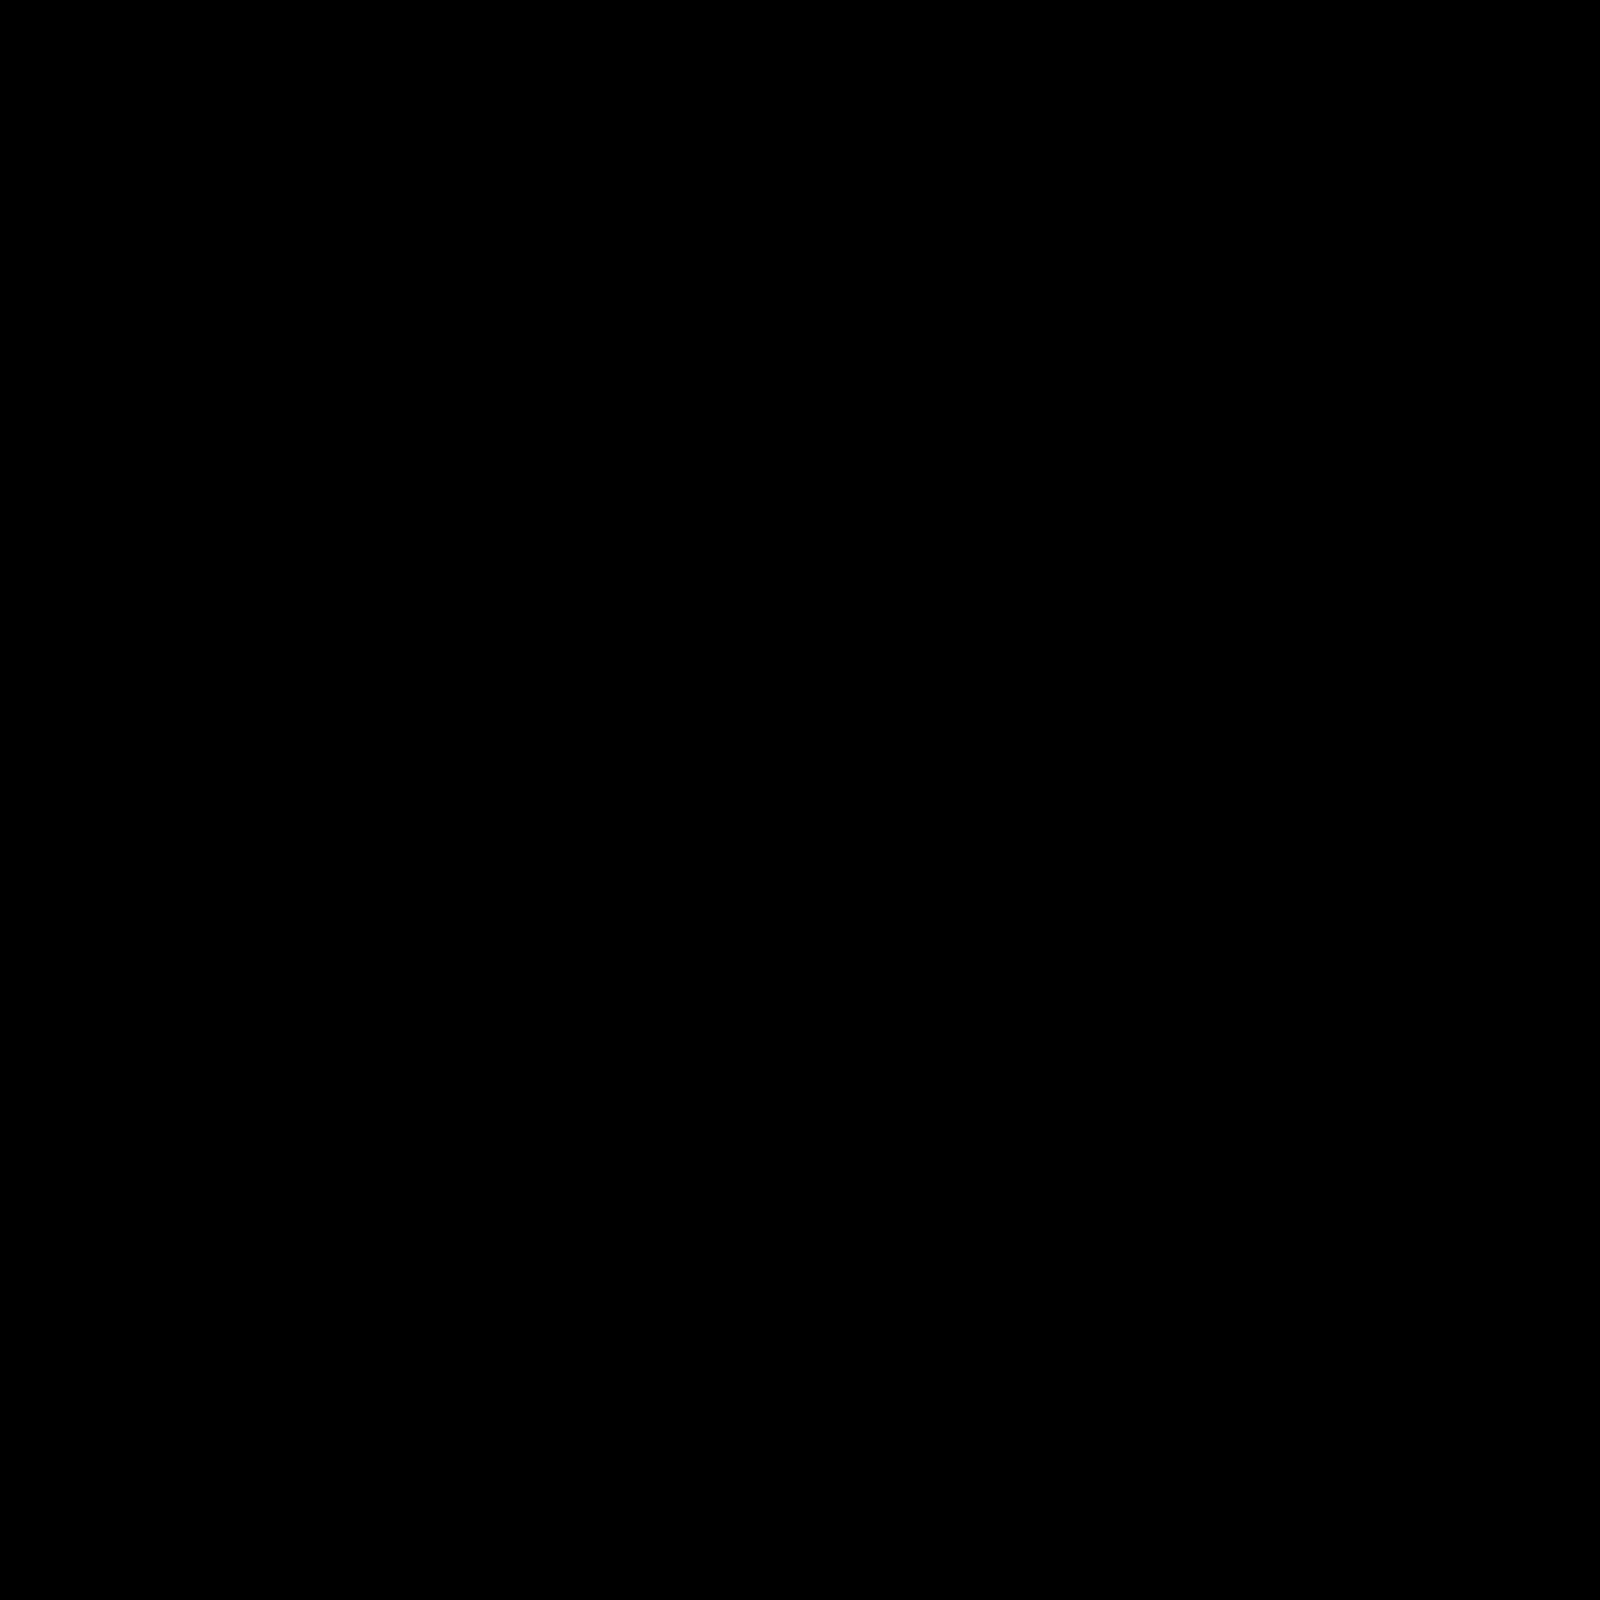 ライフサイクル icon. There is two arrows that are circular in shape each only covering a half circle but together forming one single circle, in the center of this circle is a blank face with some shoulders visible.